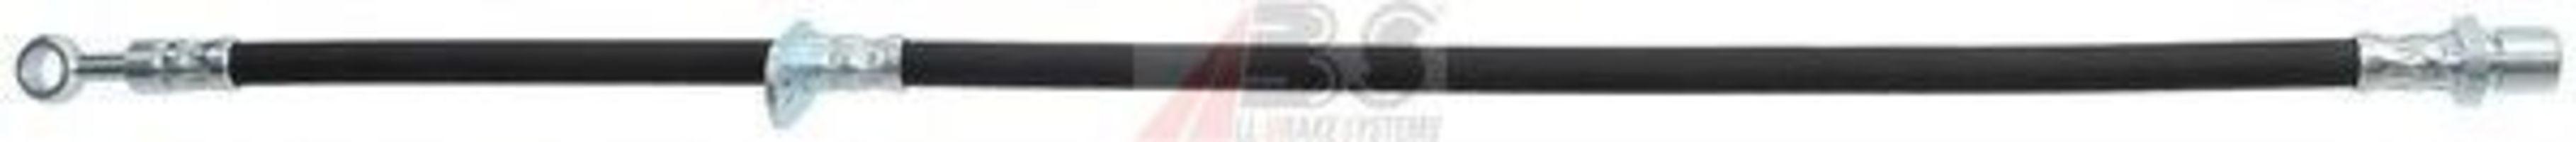 Шланг тормозной A.B.S. SL 6275